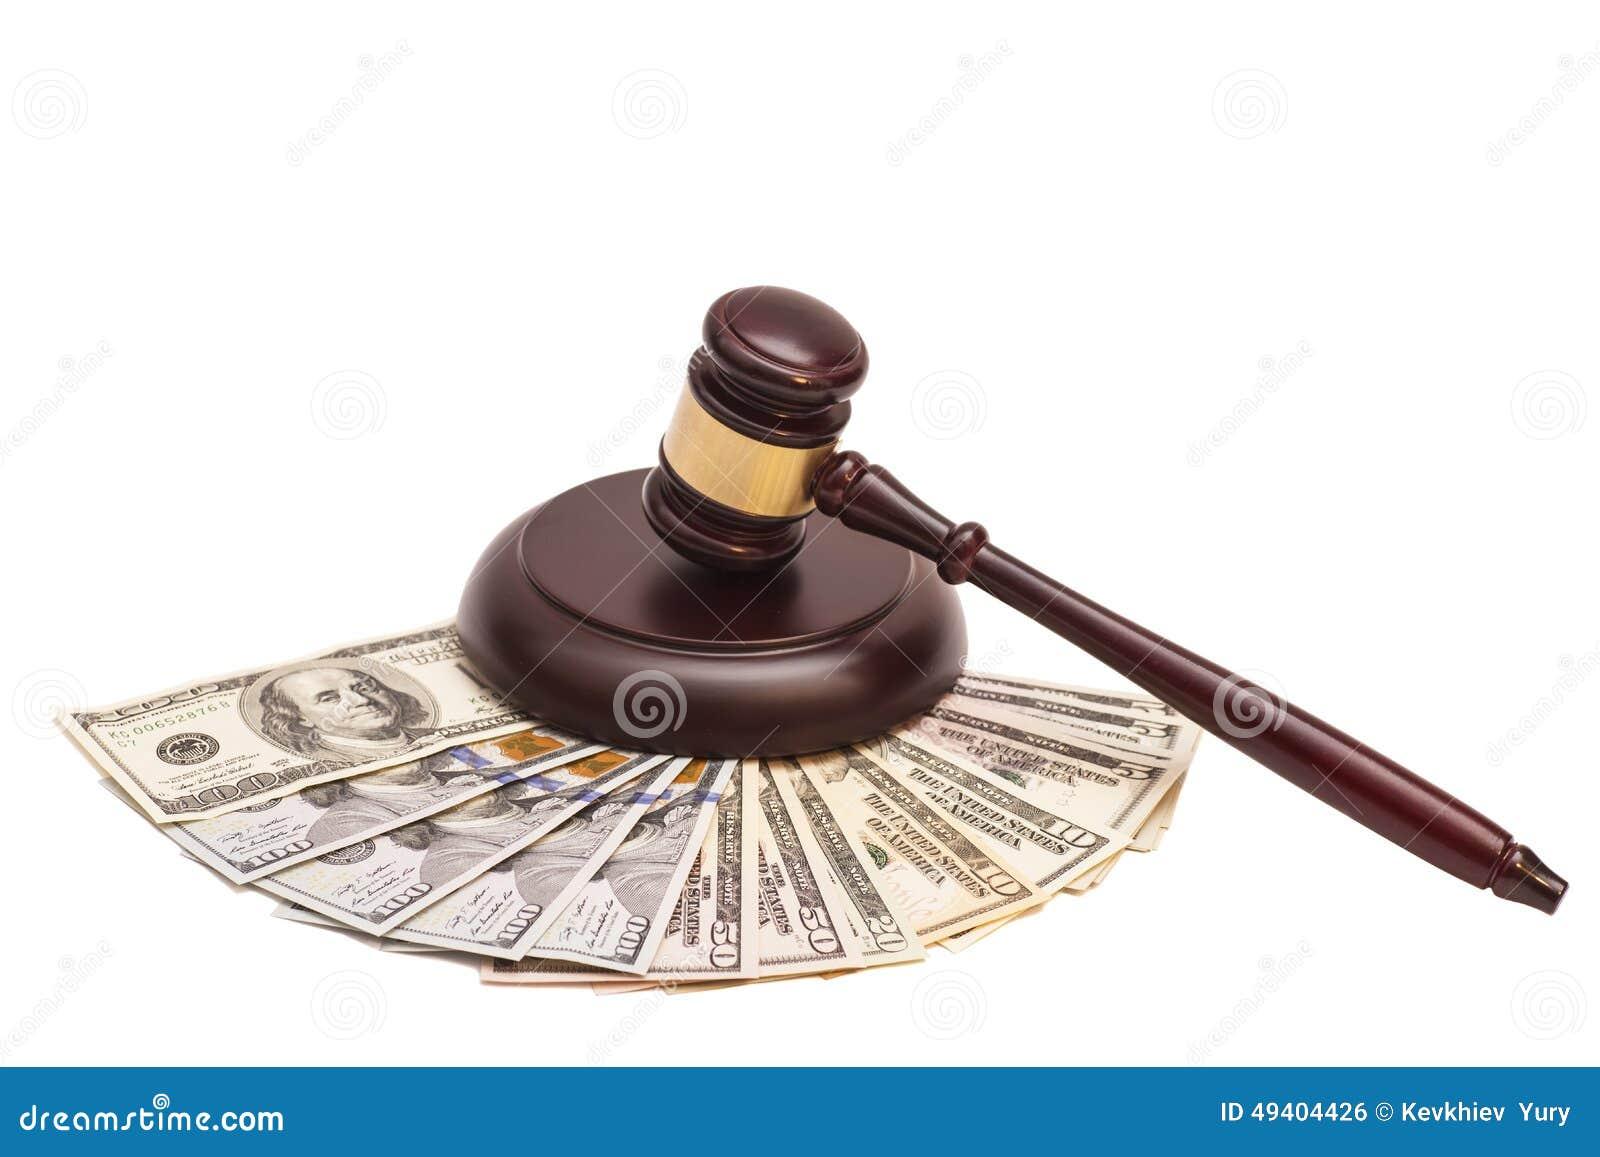 Download Gesetzeshammer Auf Amerikanischem Geld Stockfoto - Bild von papier, hammer: 49404426